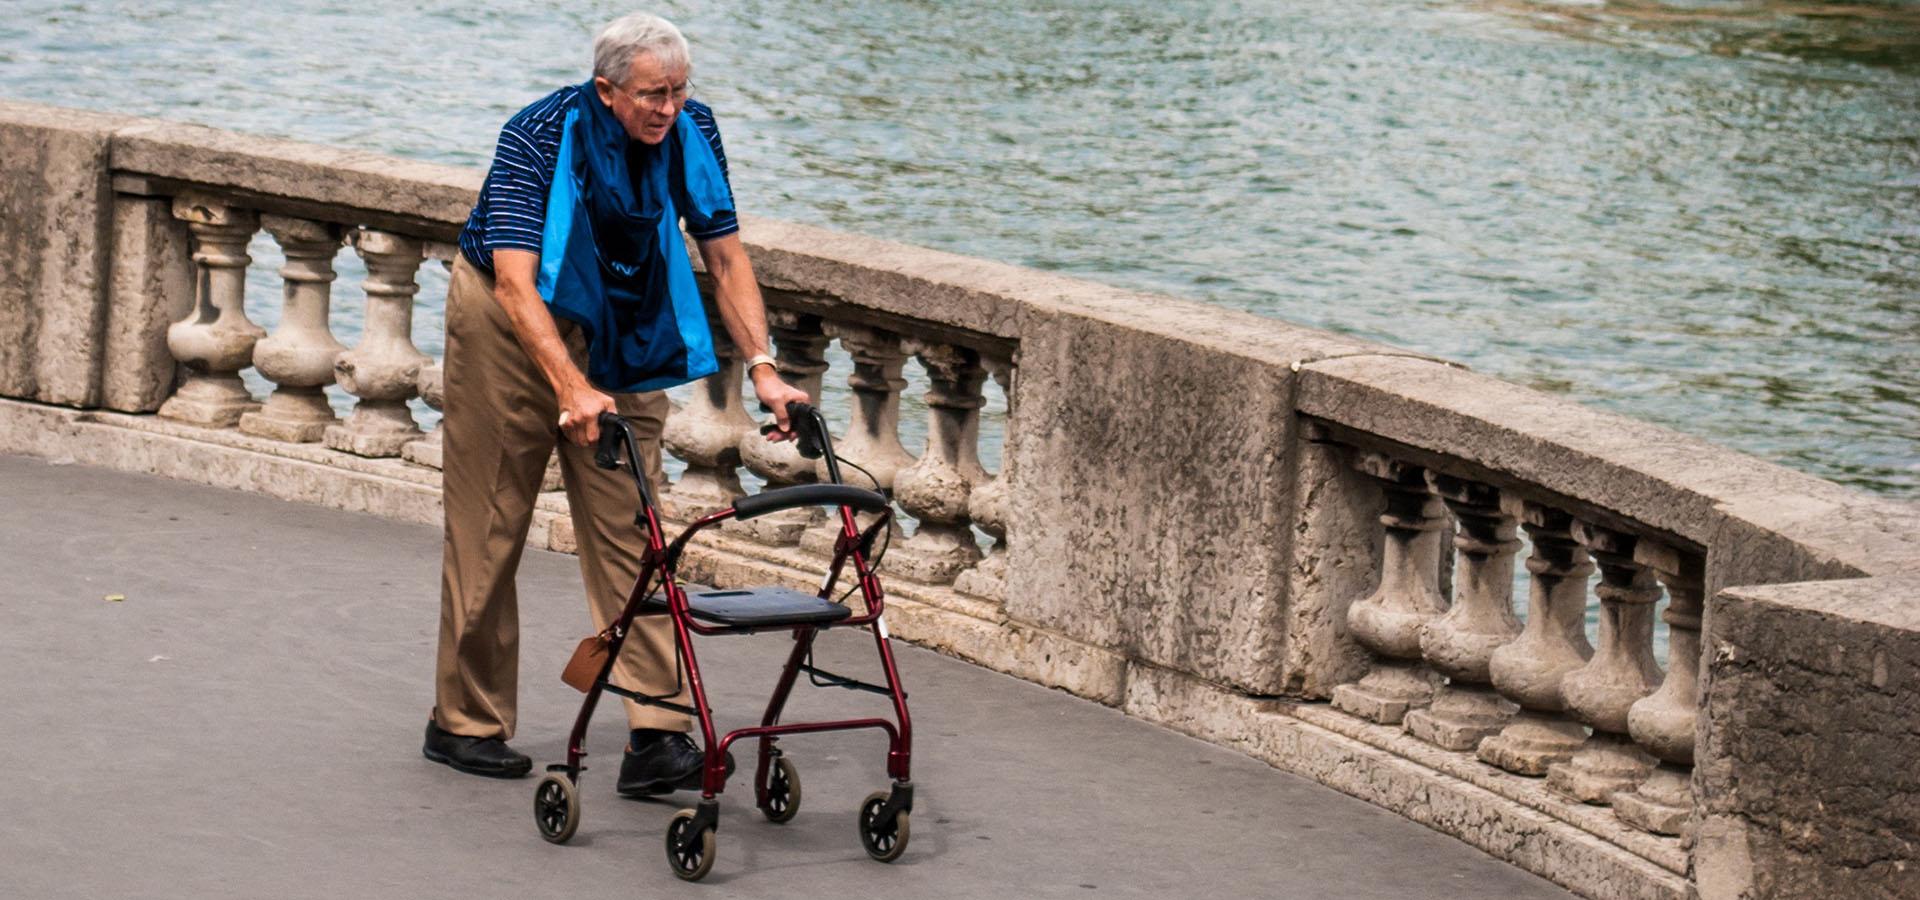 Seniorhjælp aktivt ældreliv